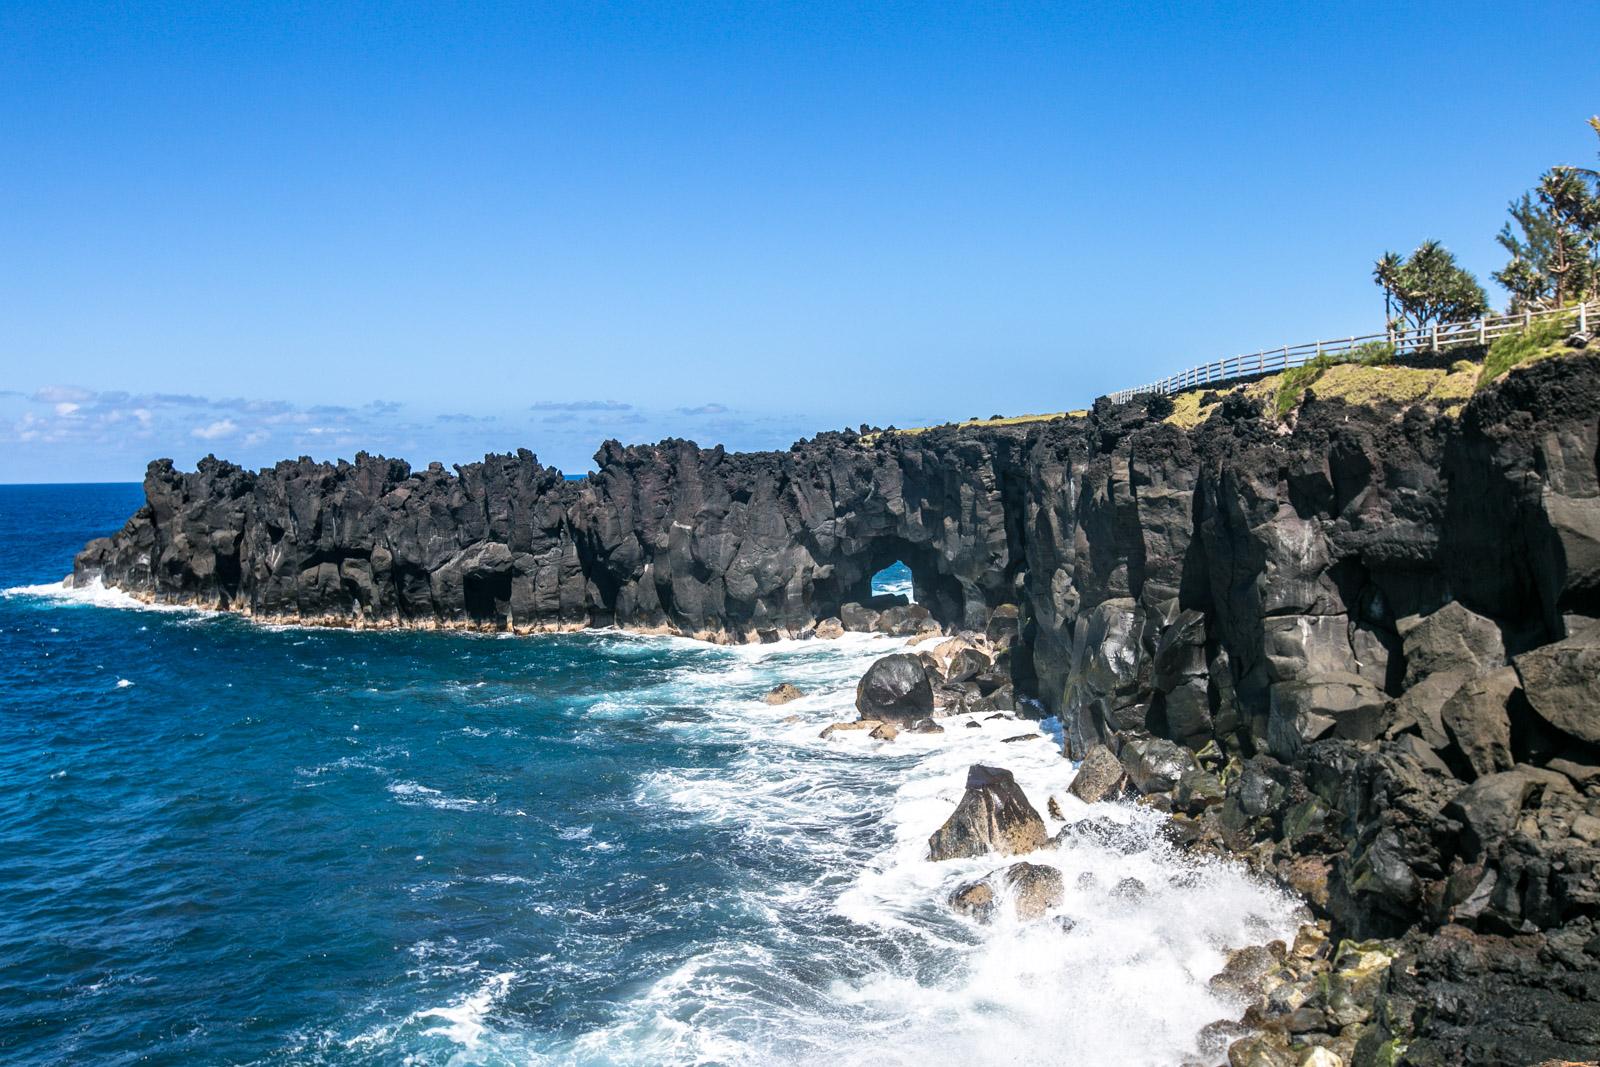 La Réunion Sehenswürdigkeiten, La Réunion Highlights, Cap Méchant, TIpps